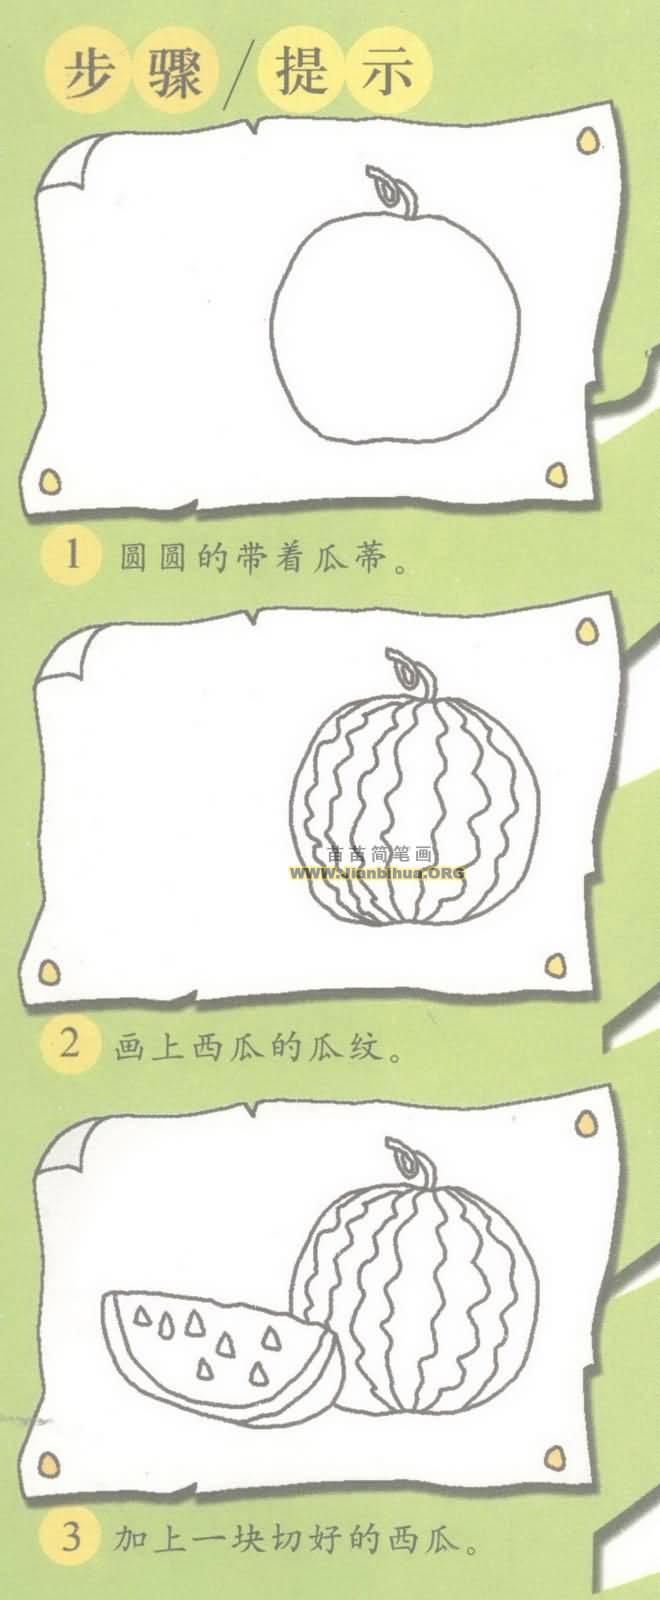 西瓜简笔画图片